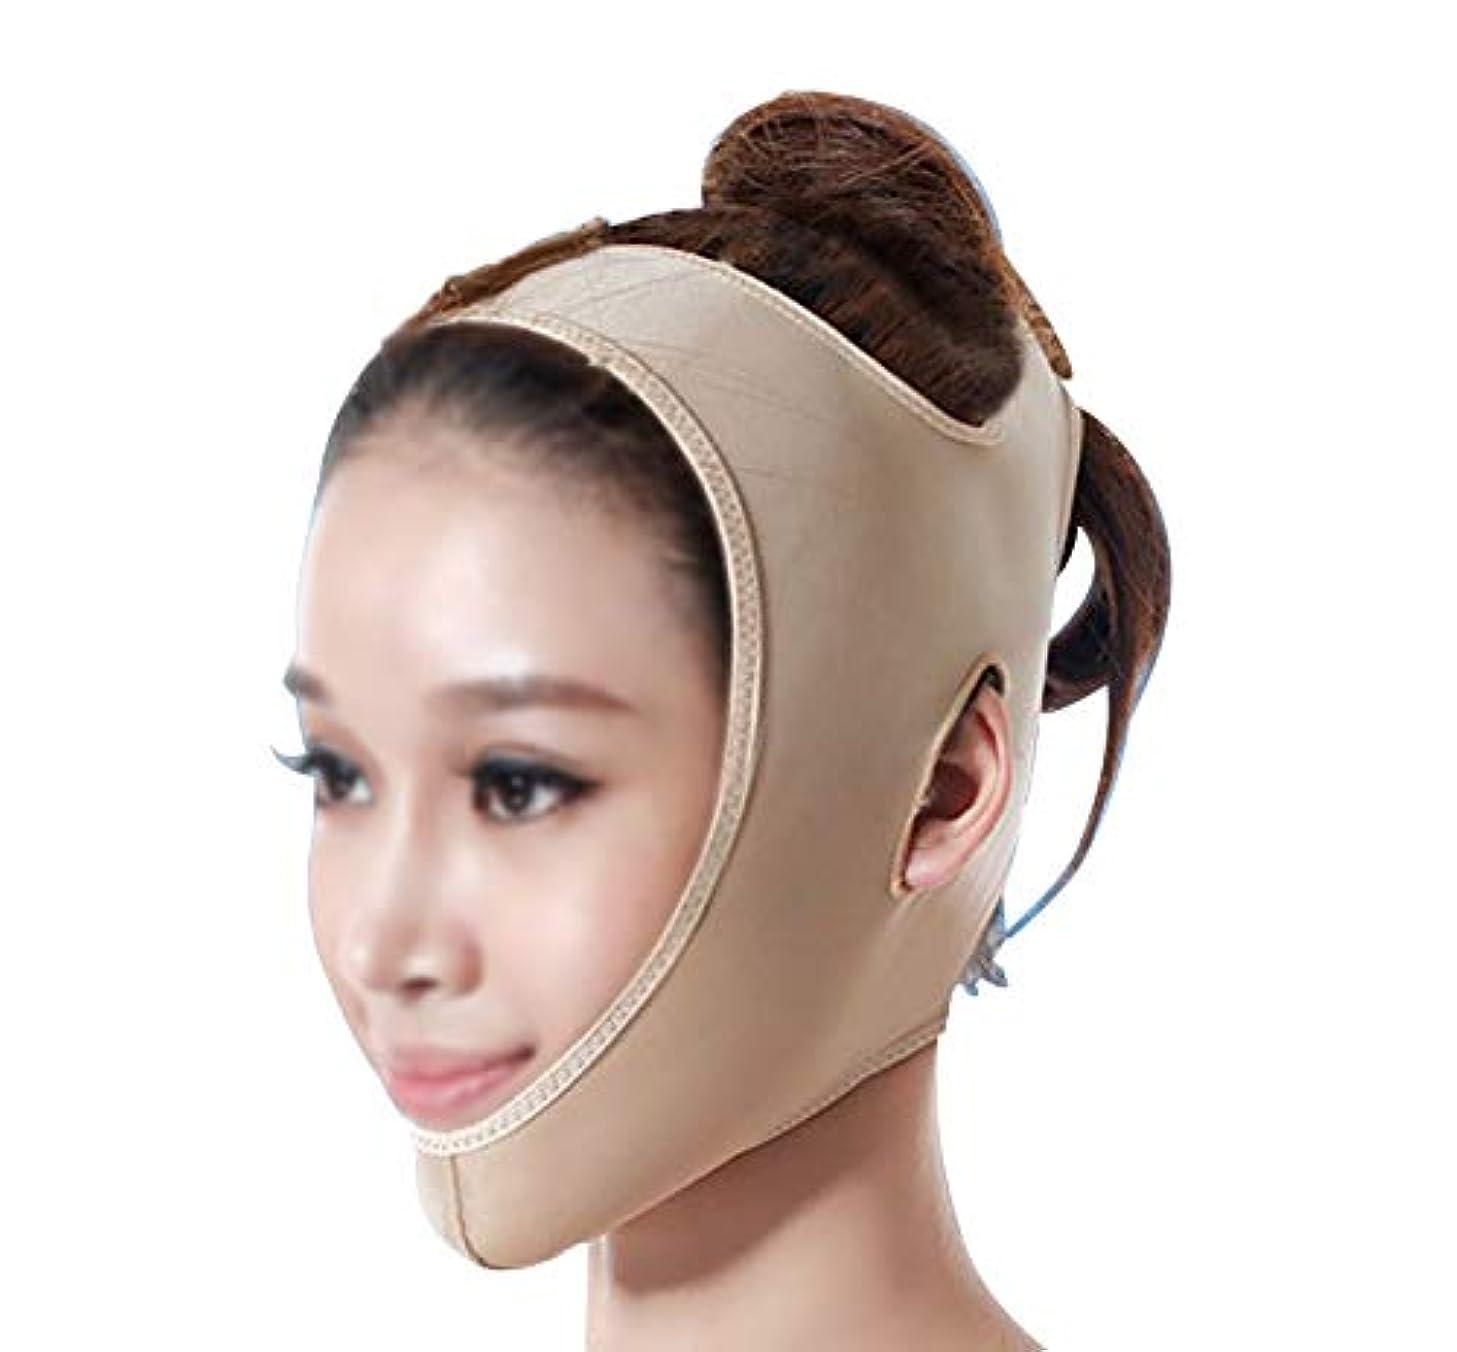 全能目立つ湿気の多いGLJJQMY 引き締めマスクマスク美容薬マスク美容V顔包帯ライン彫刻引き締めしっかりダブルチンマスク 顔用整形マスク (Size : S)